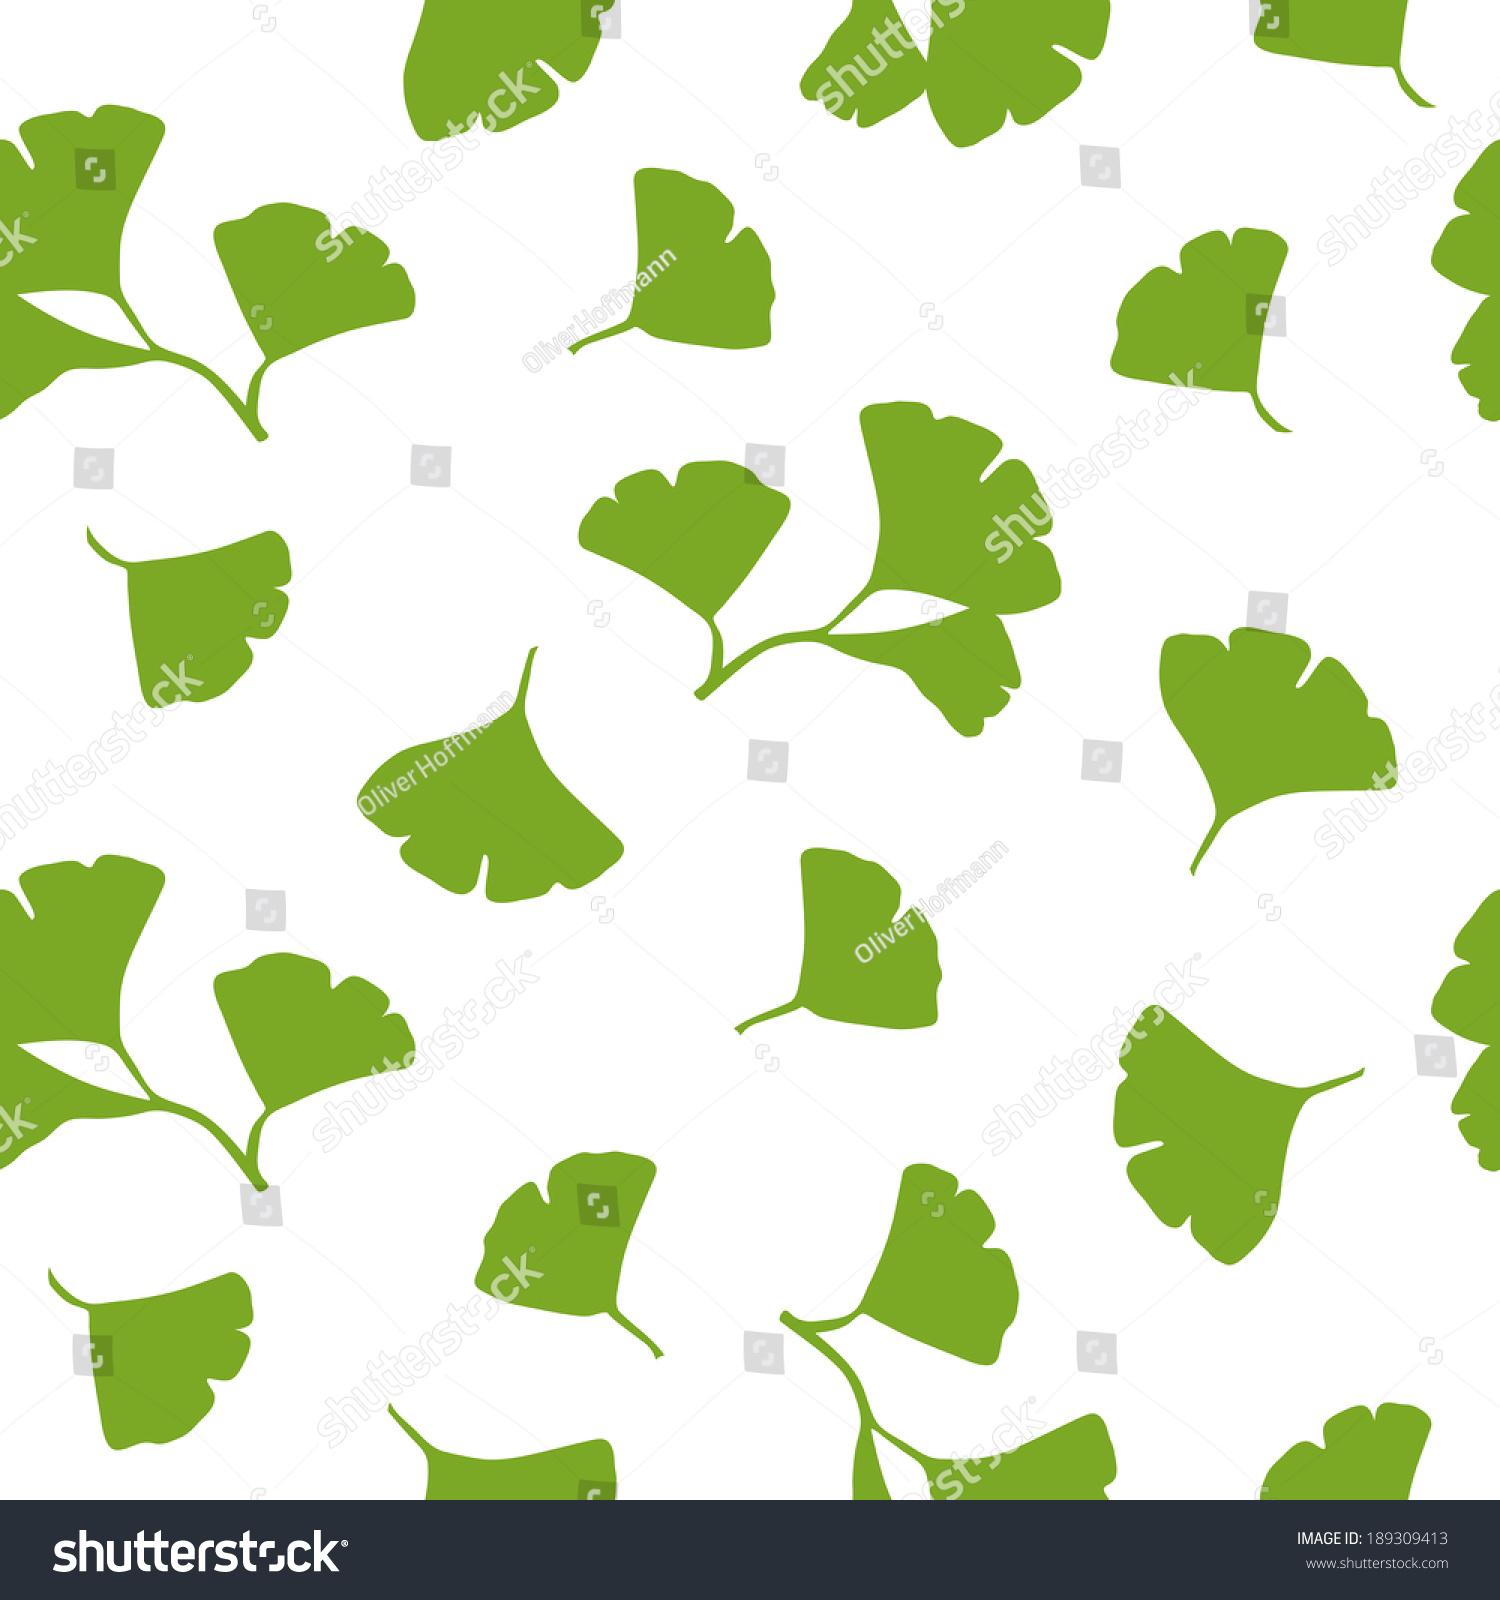 绿色的银杏树叶在白色背景上.